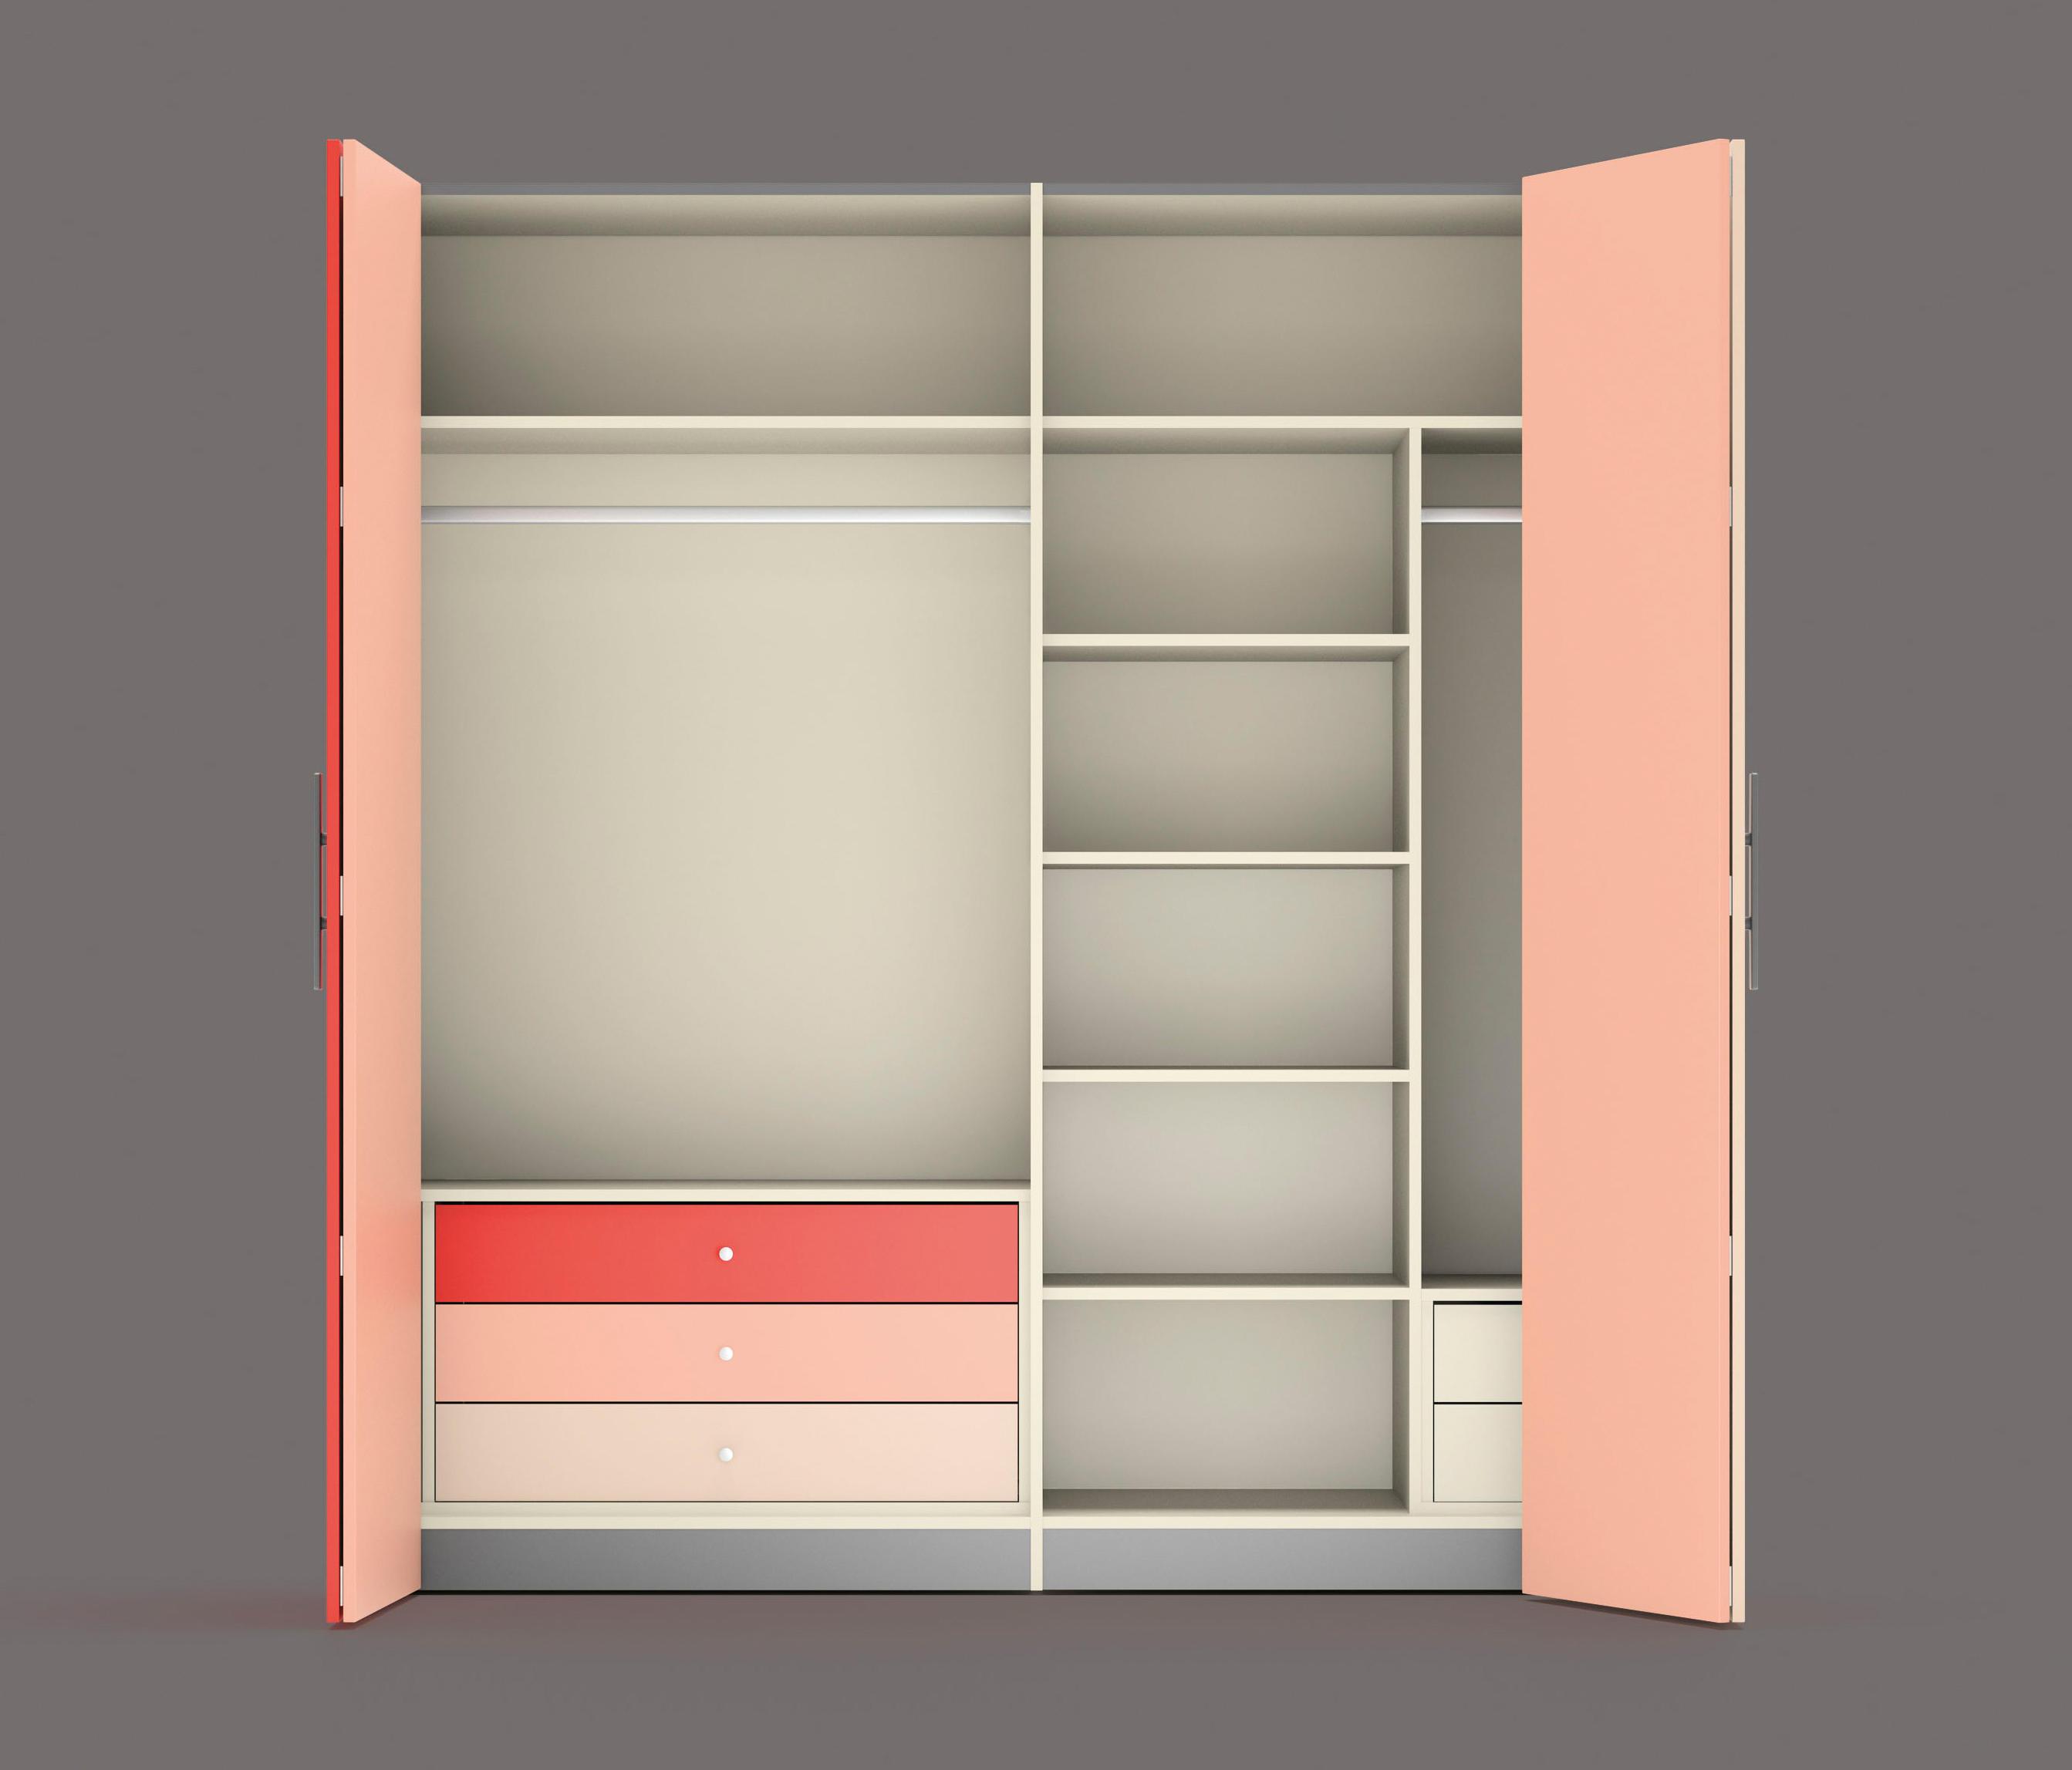 Armario 1 armarios de lagrama architonic - Armario de plastico para exterior ...